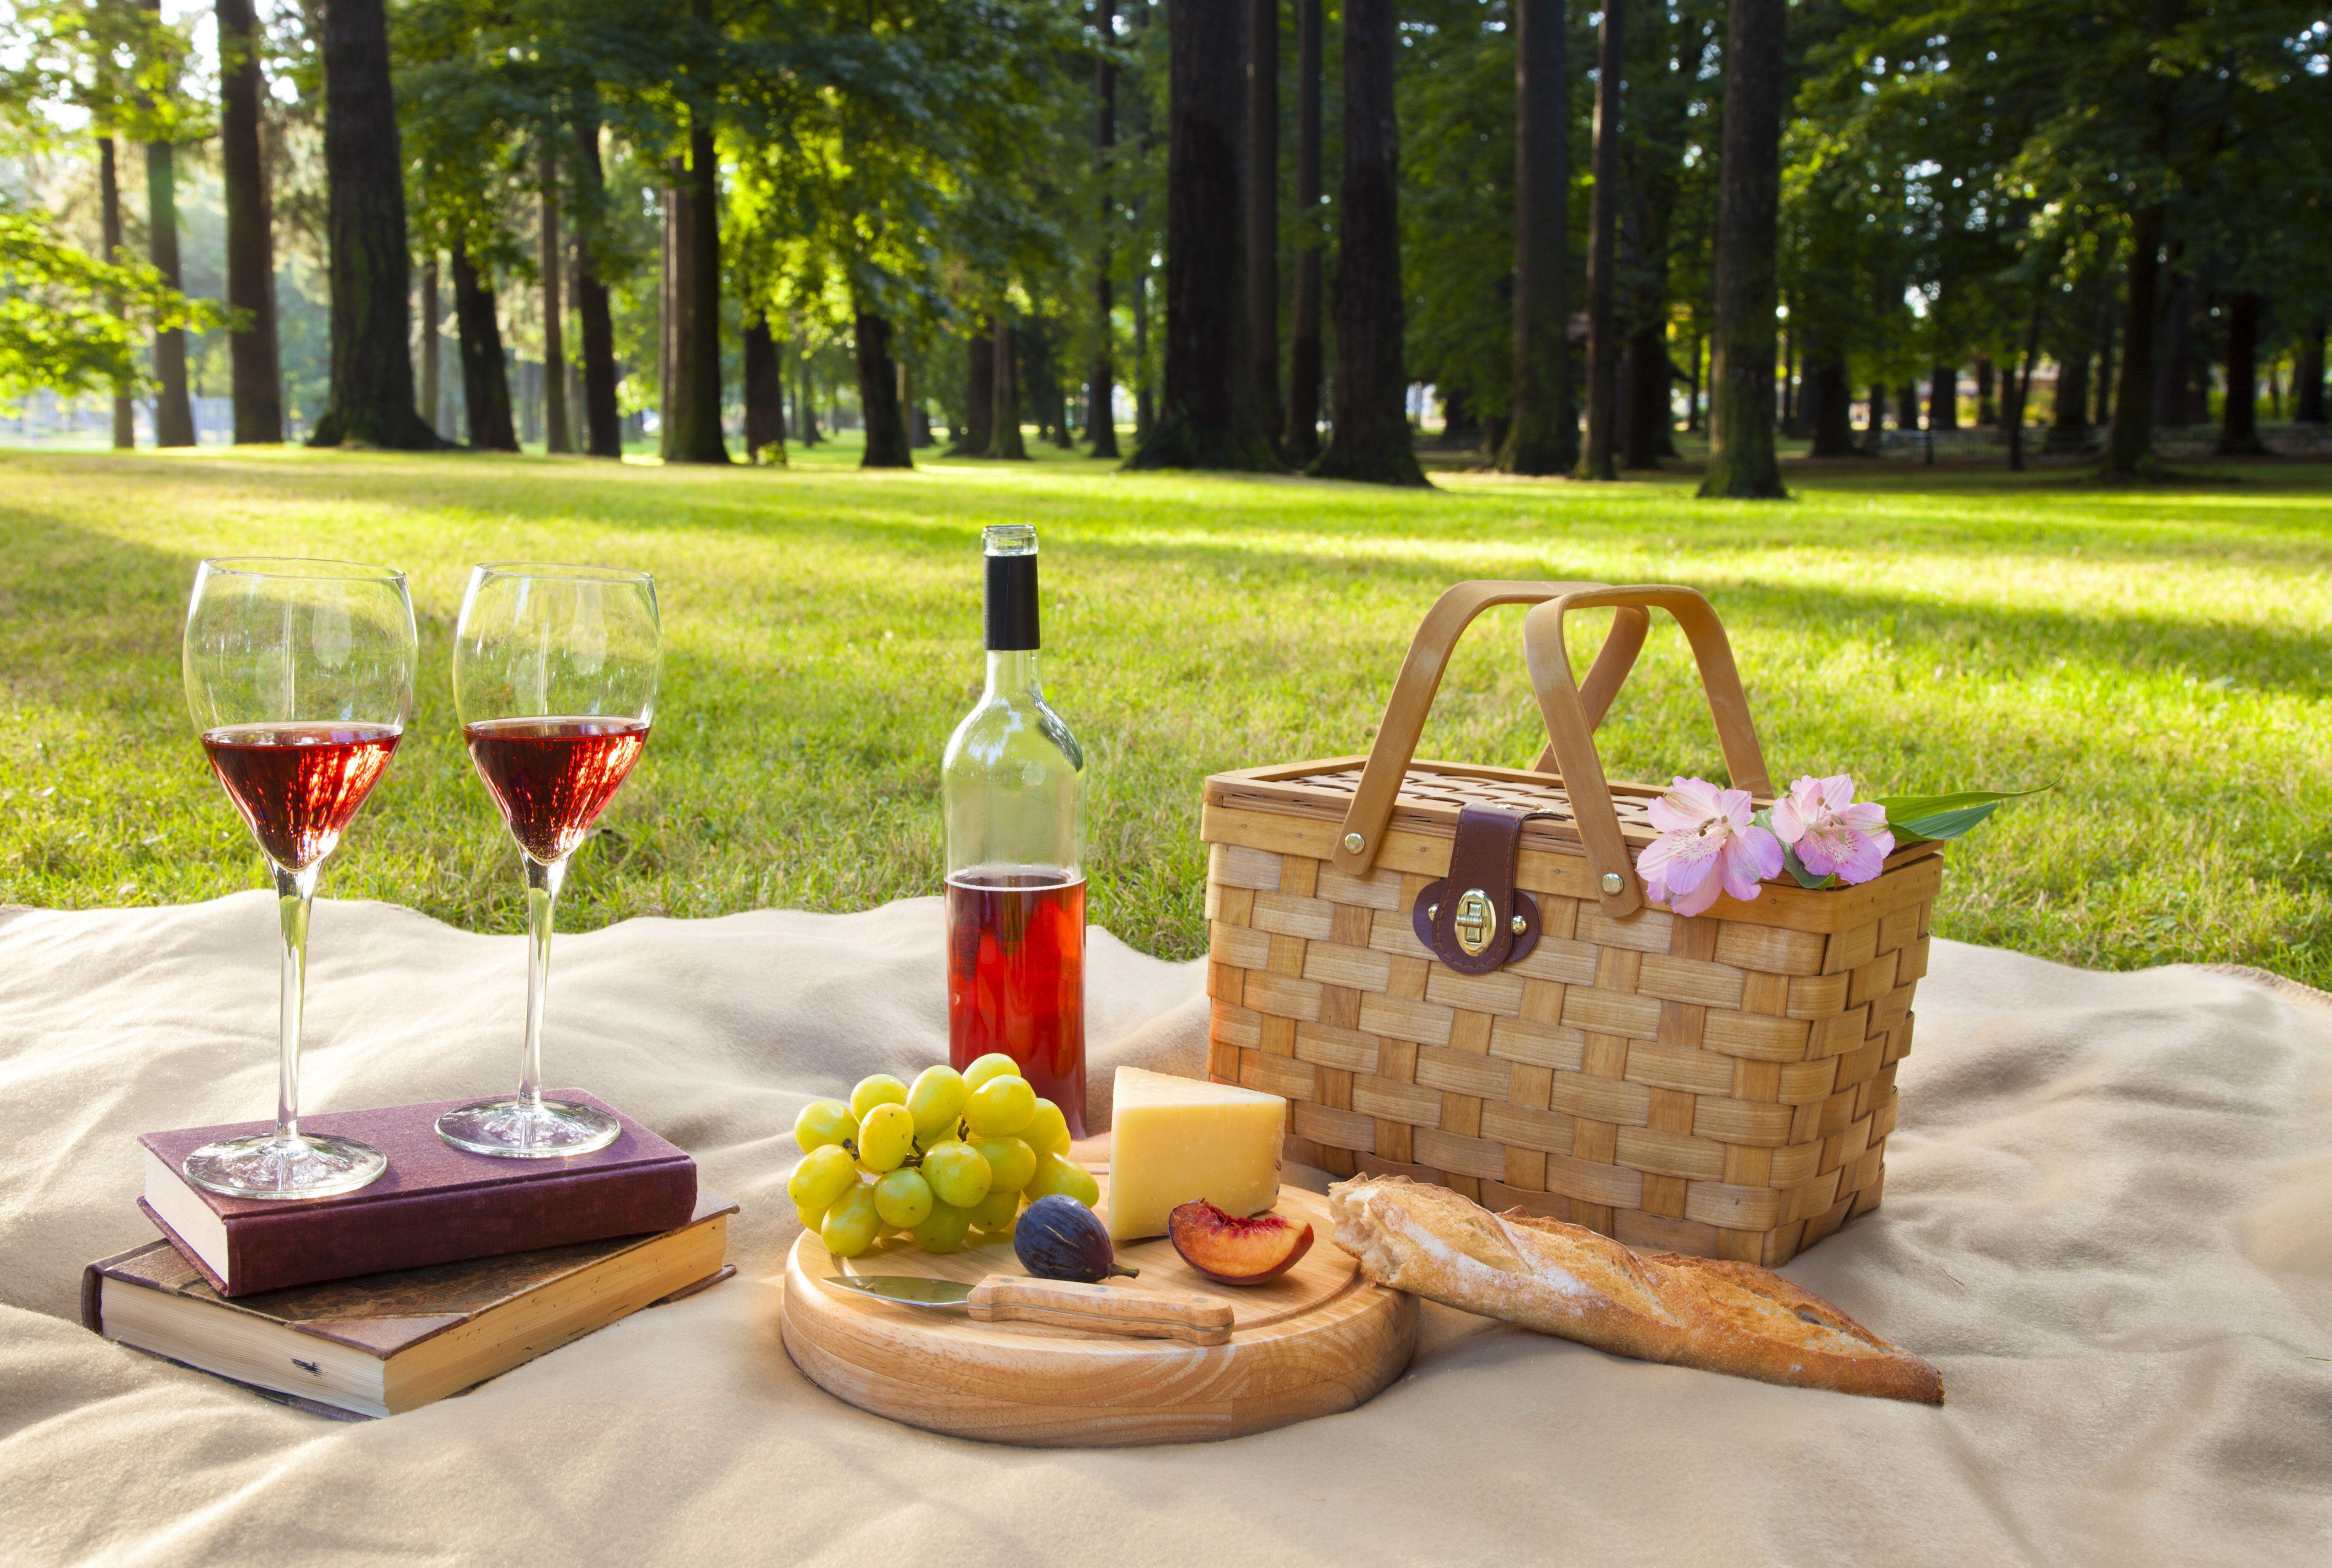 Vino, fruta, queso y pan en el picnic